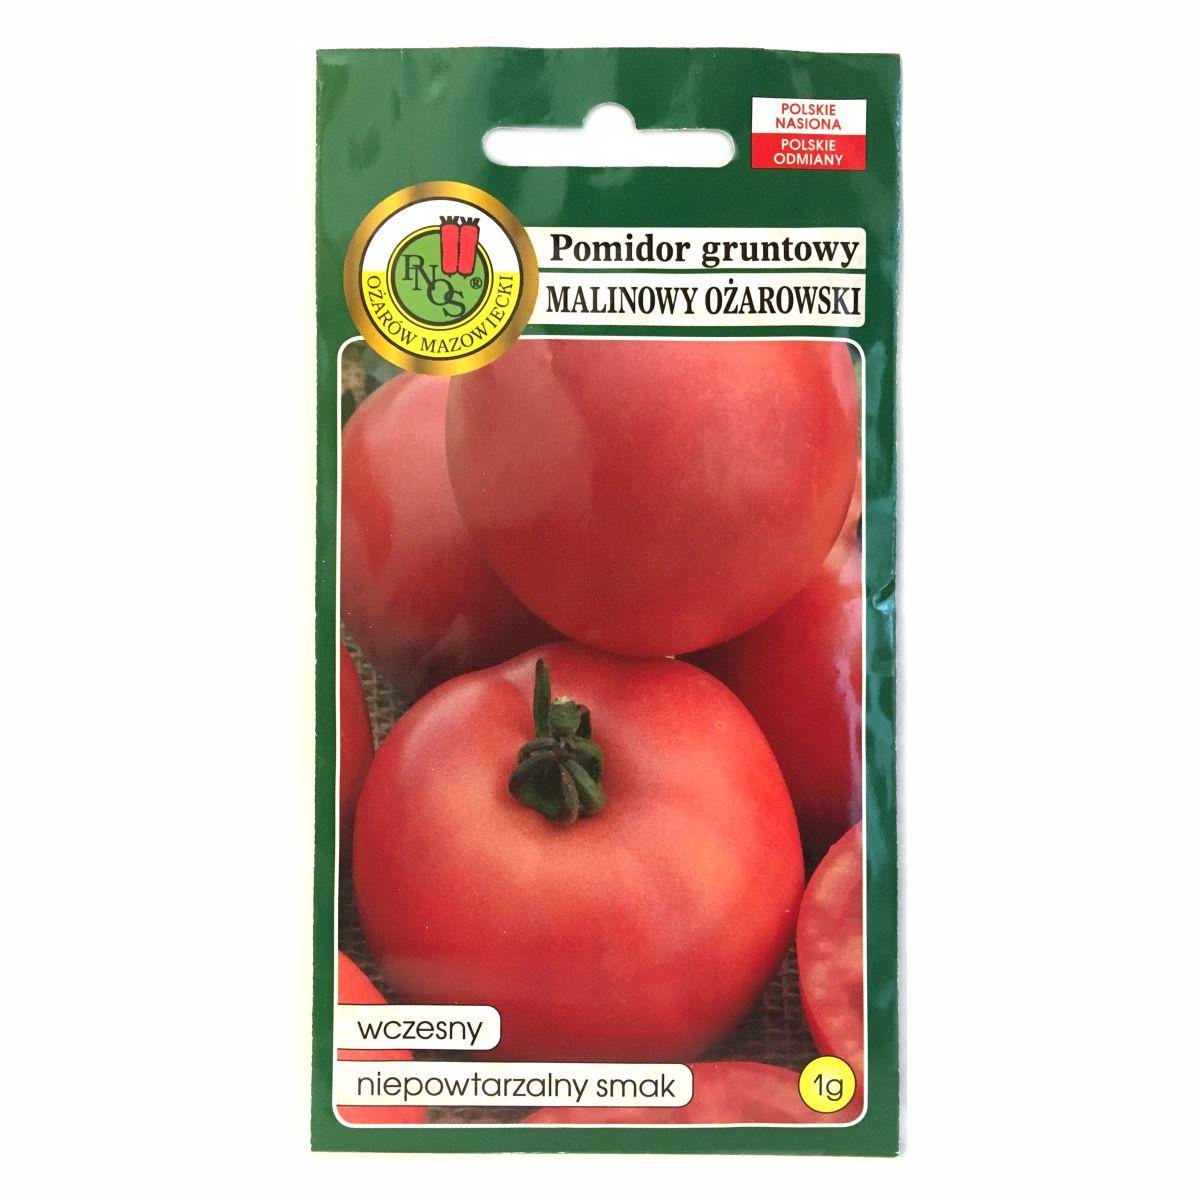 Pomidor Malinowy Ożarowski nasiona PNOS